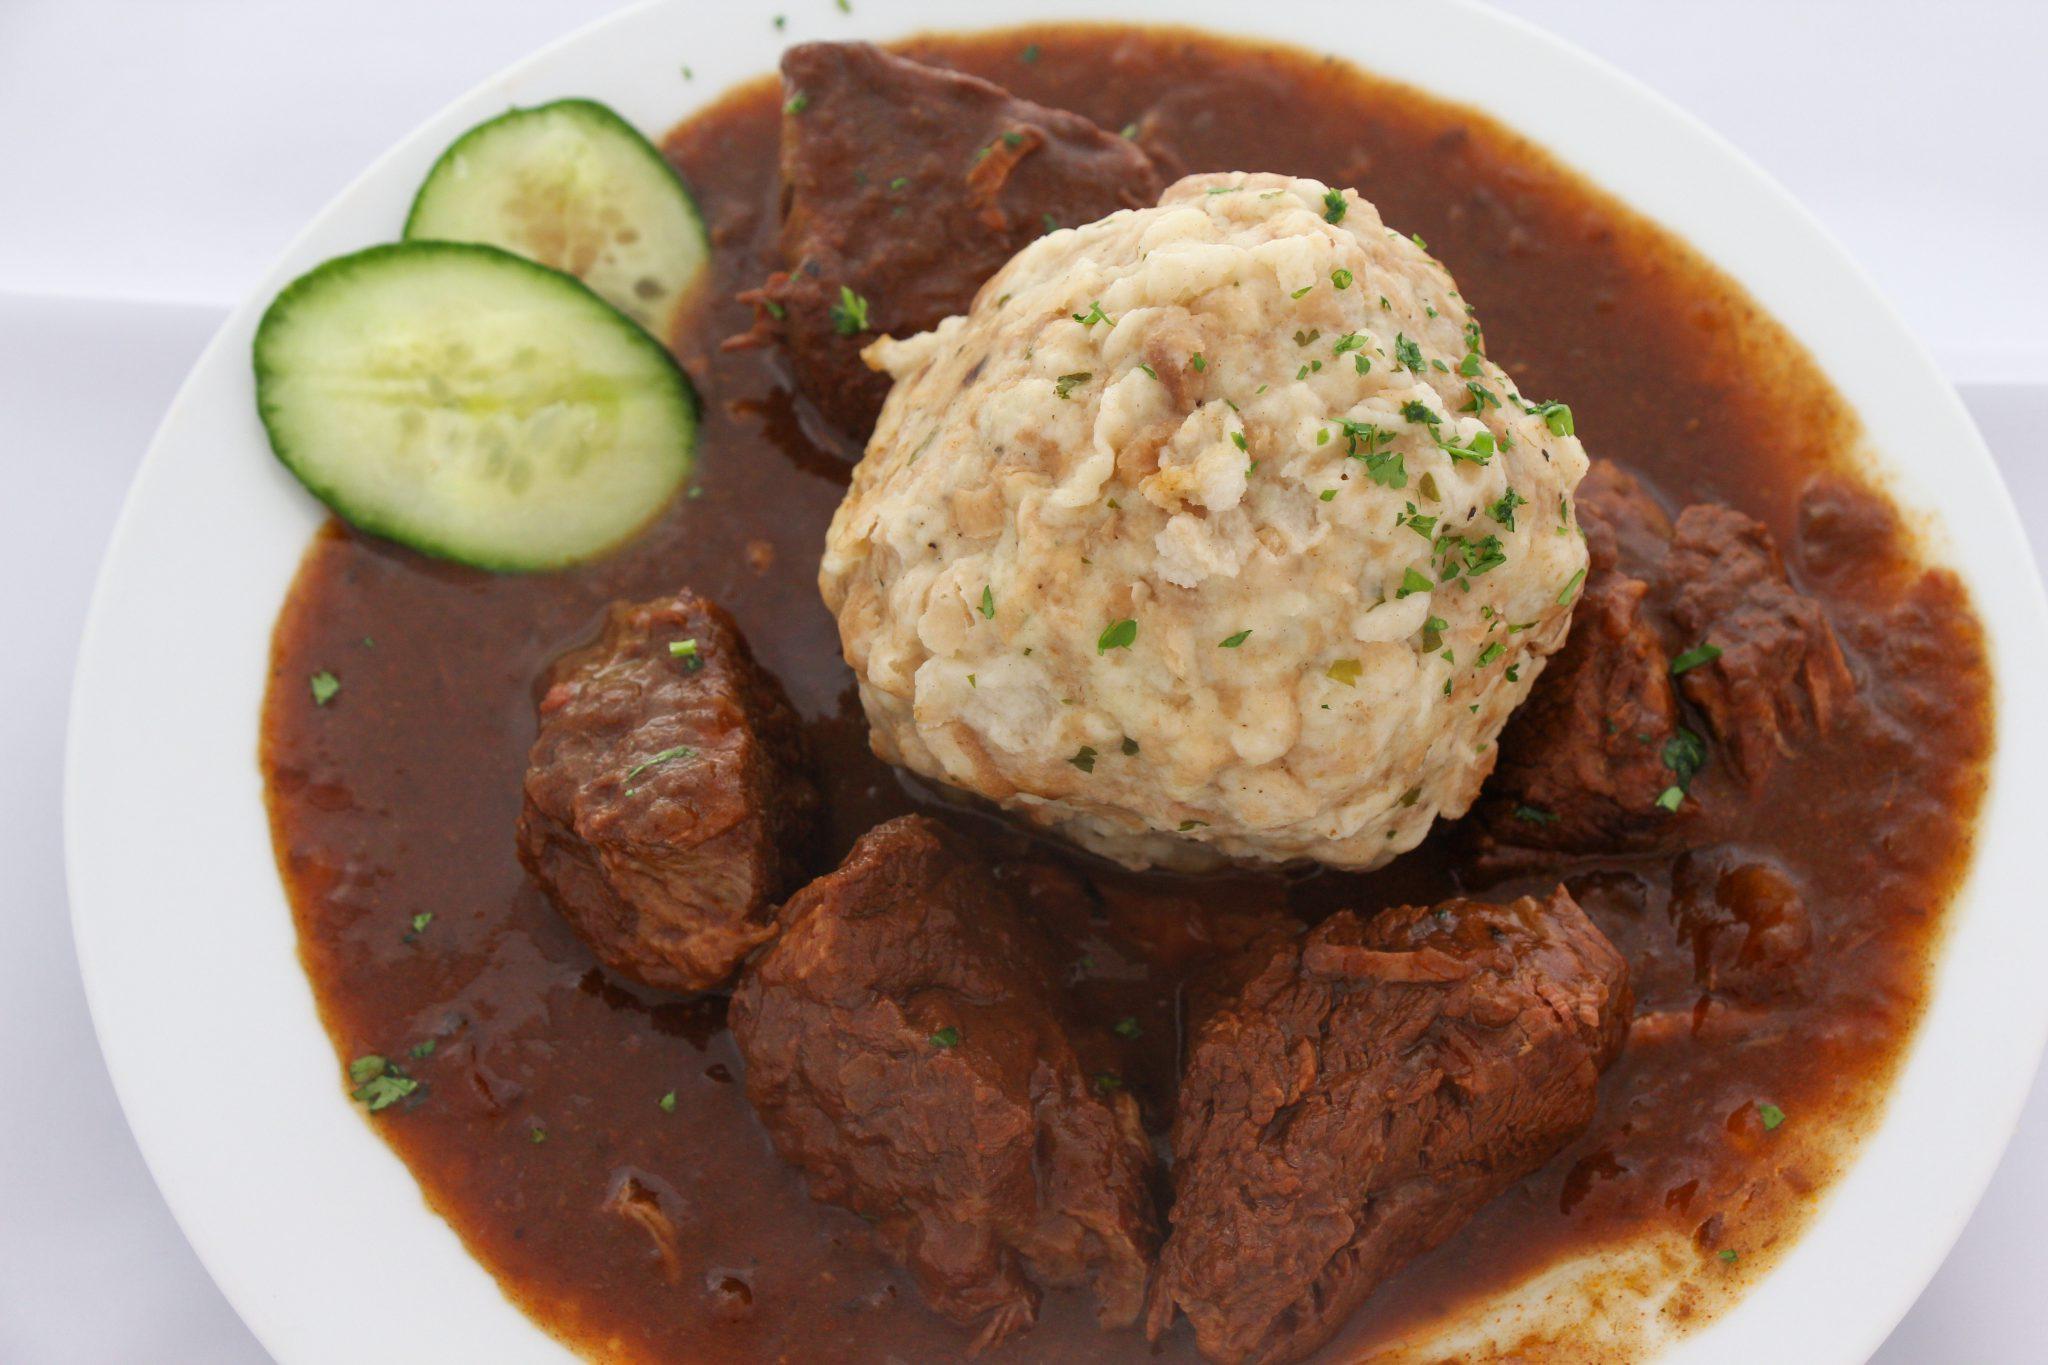 Großes Wiener Rindsgulasch nach Omas Rezept mit Semmelknödel ACG